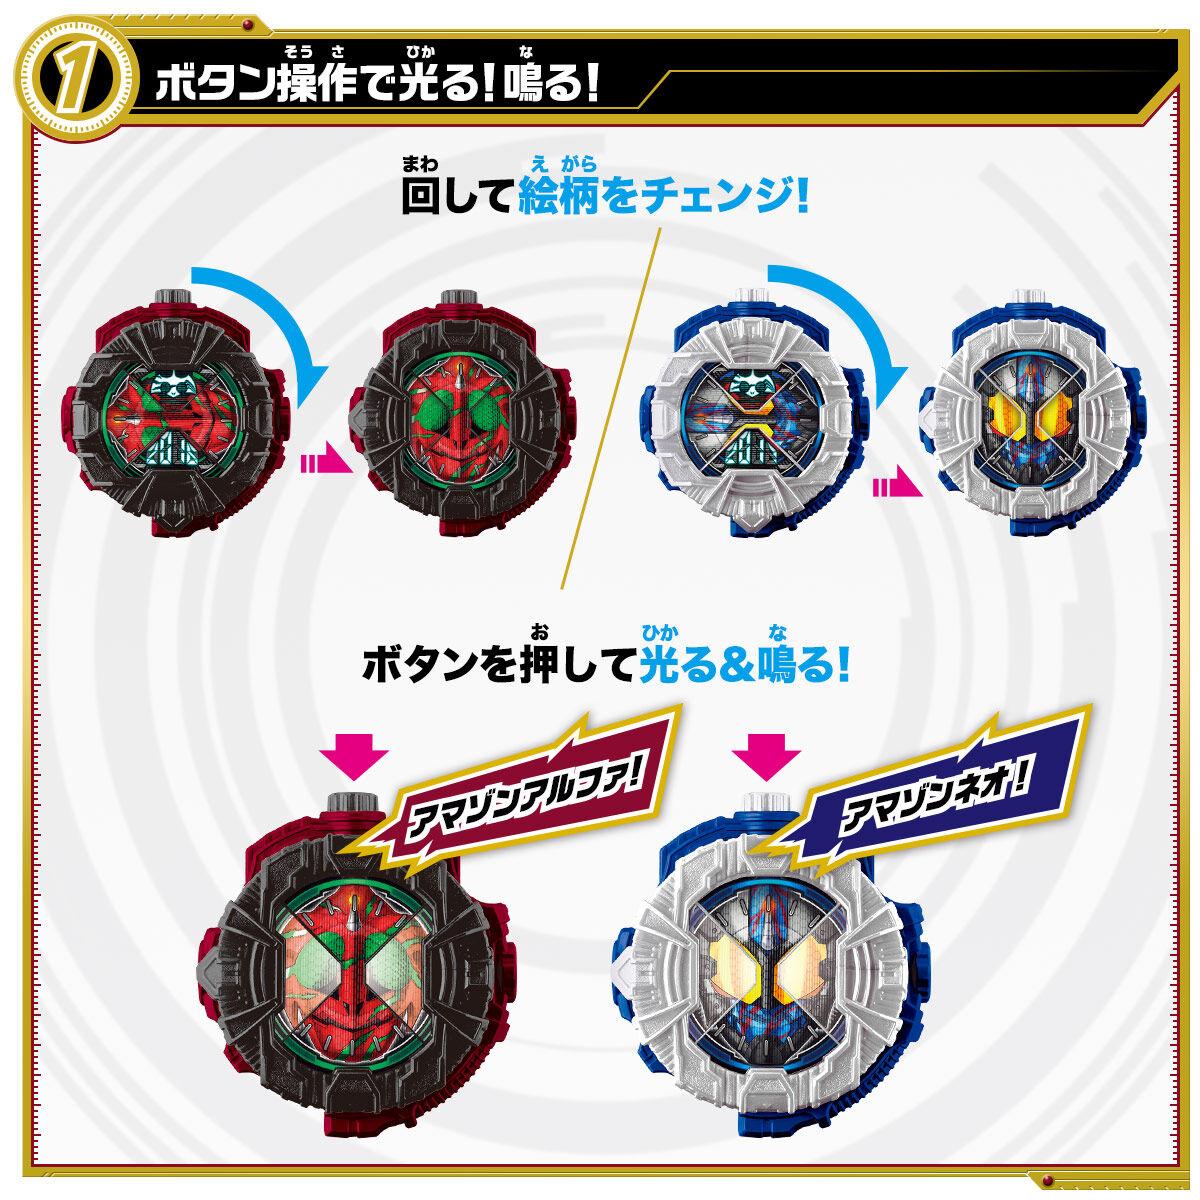 【限定販売】仮面ライダージオウ『DXライドウォッチ クォーツァーセット01』変身なりきり-011